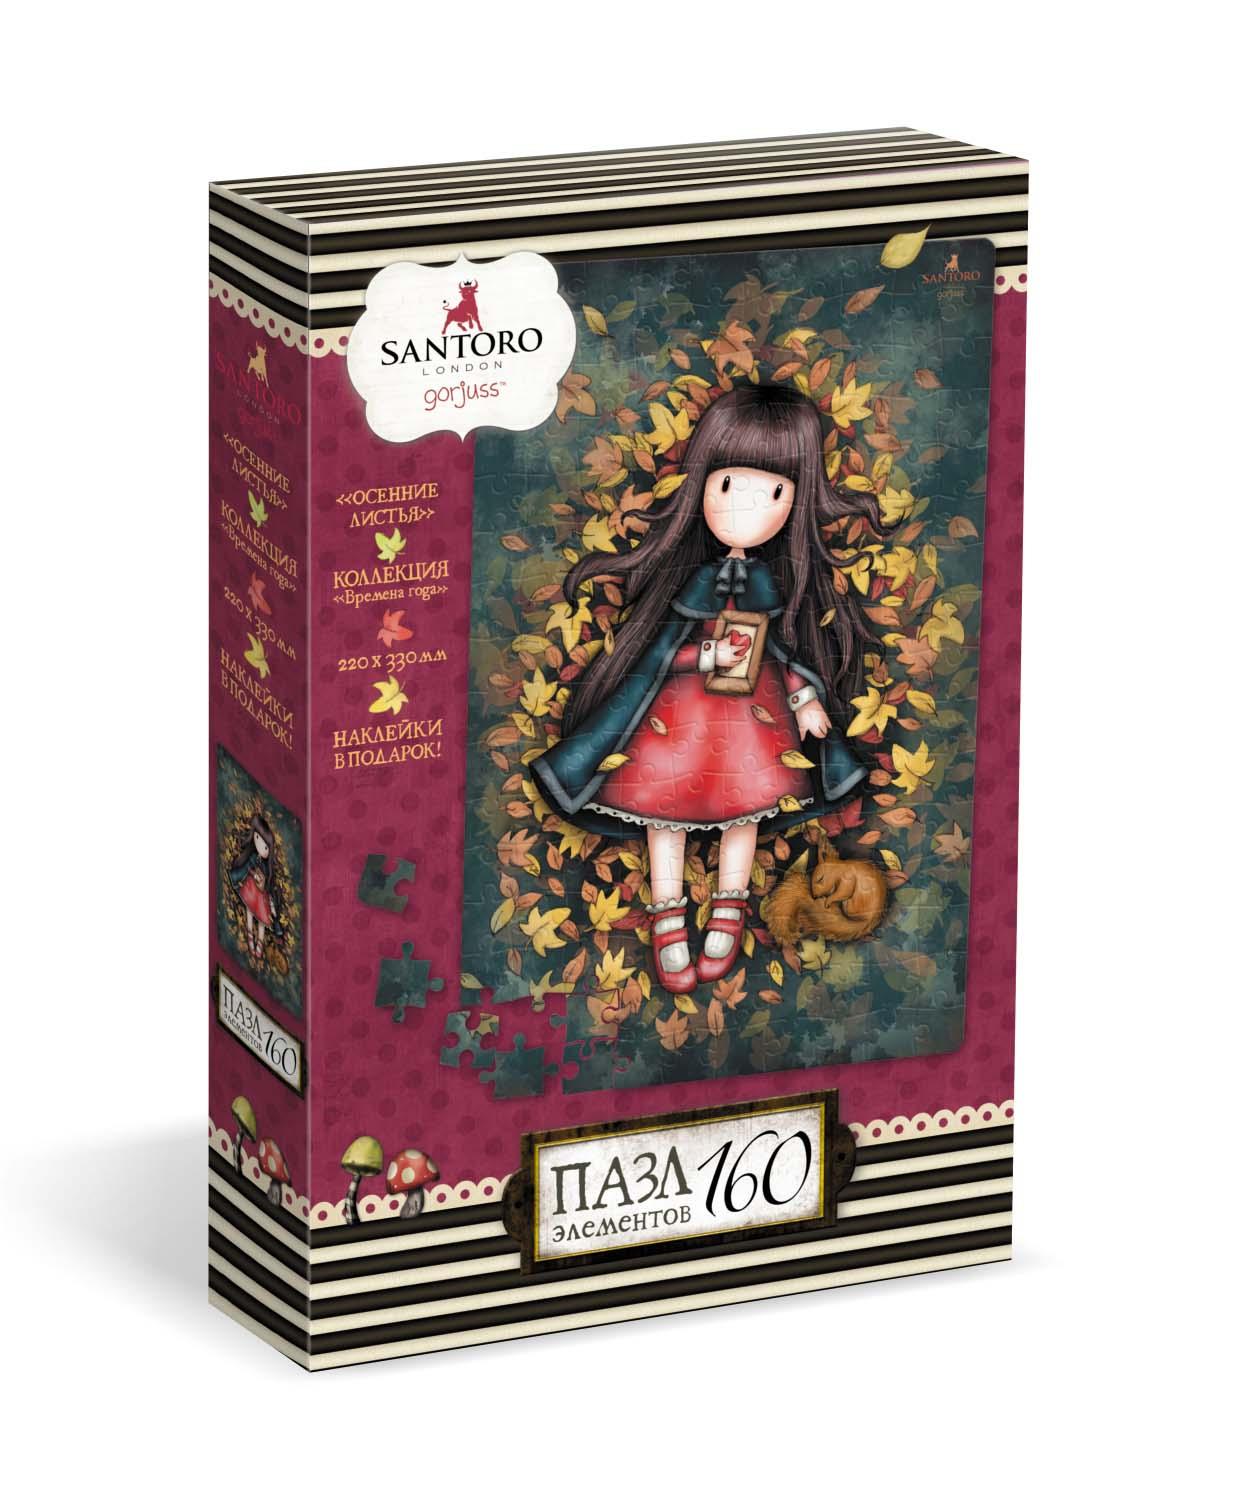 Пазл 160 Origami 04774 Santoro Осенние листья + наклейки